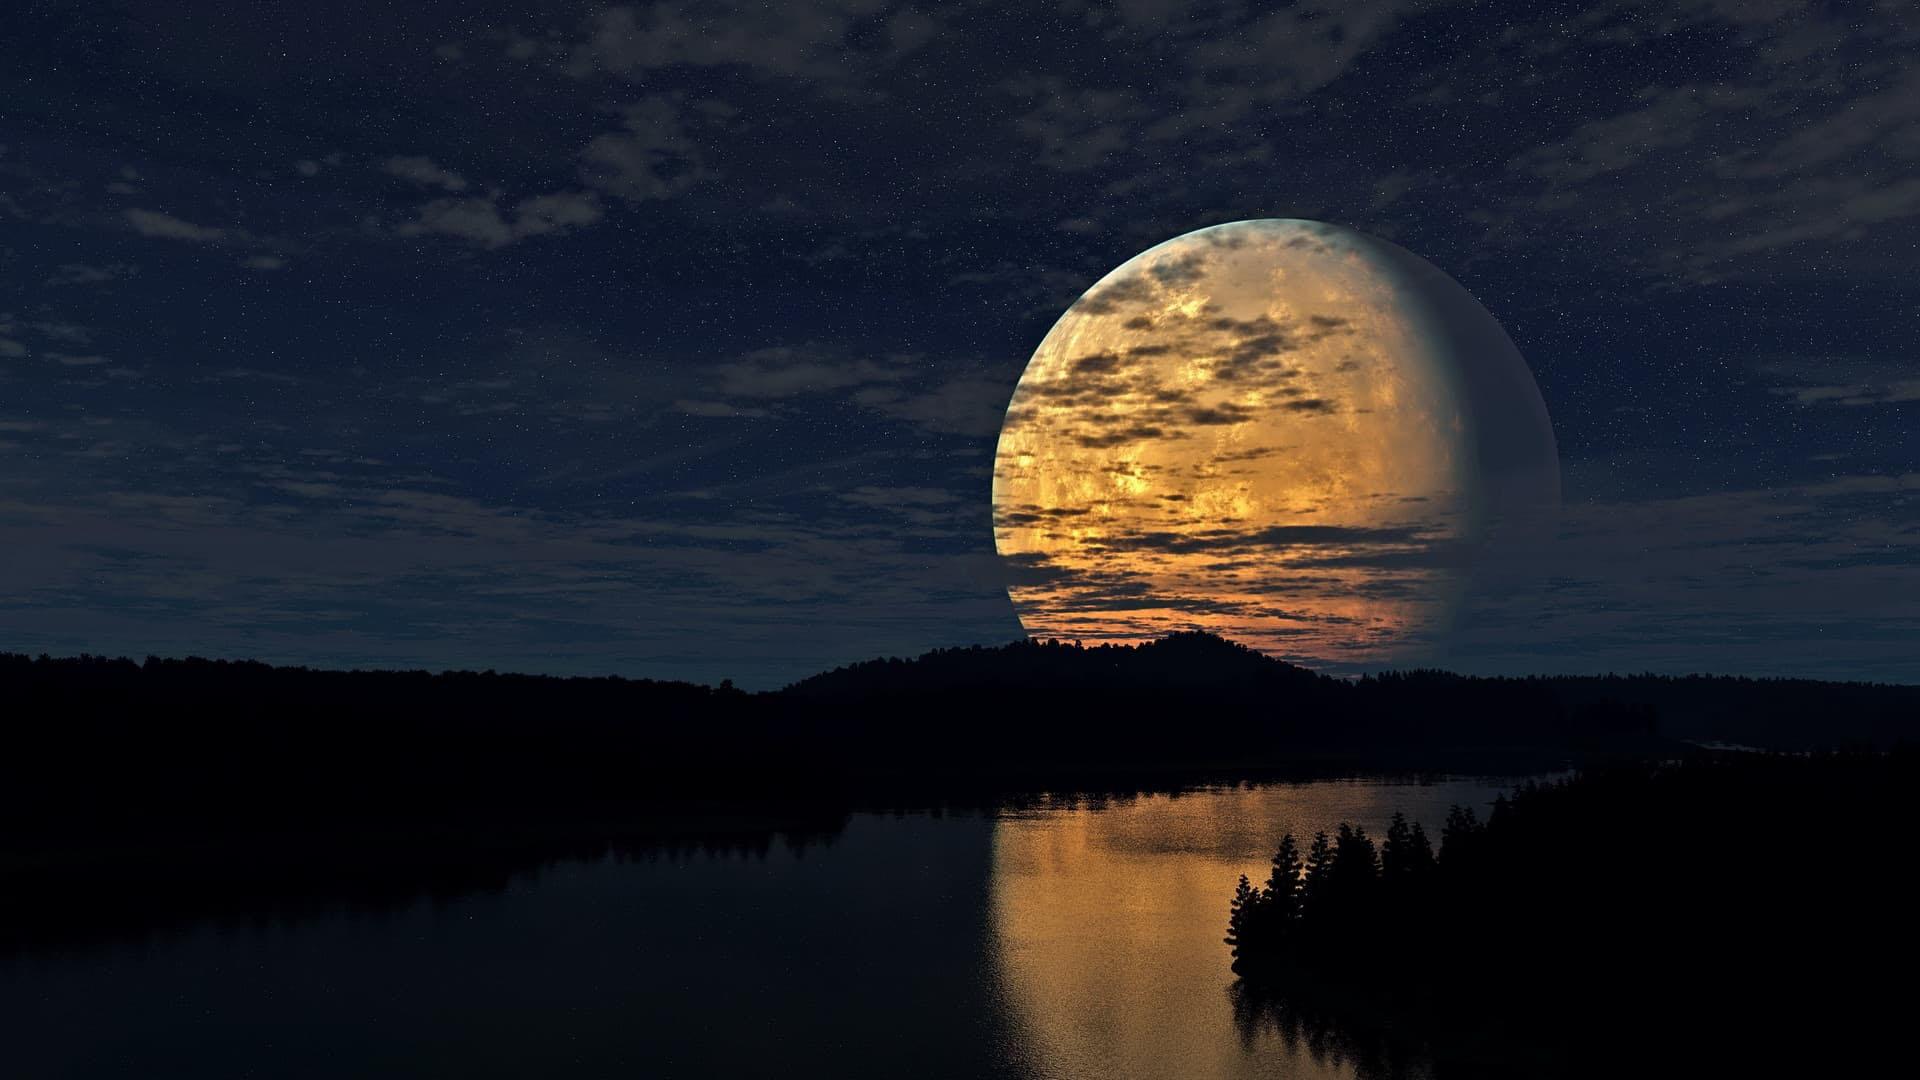 Hình ảnh mặt trăng đẹp, ấn tượng